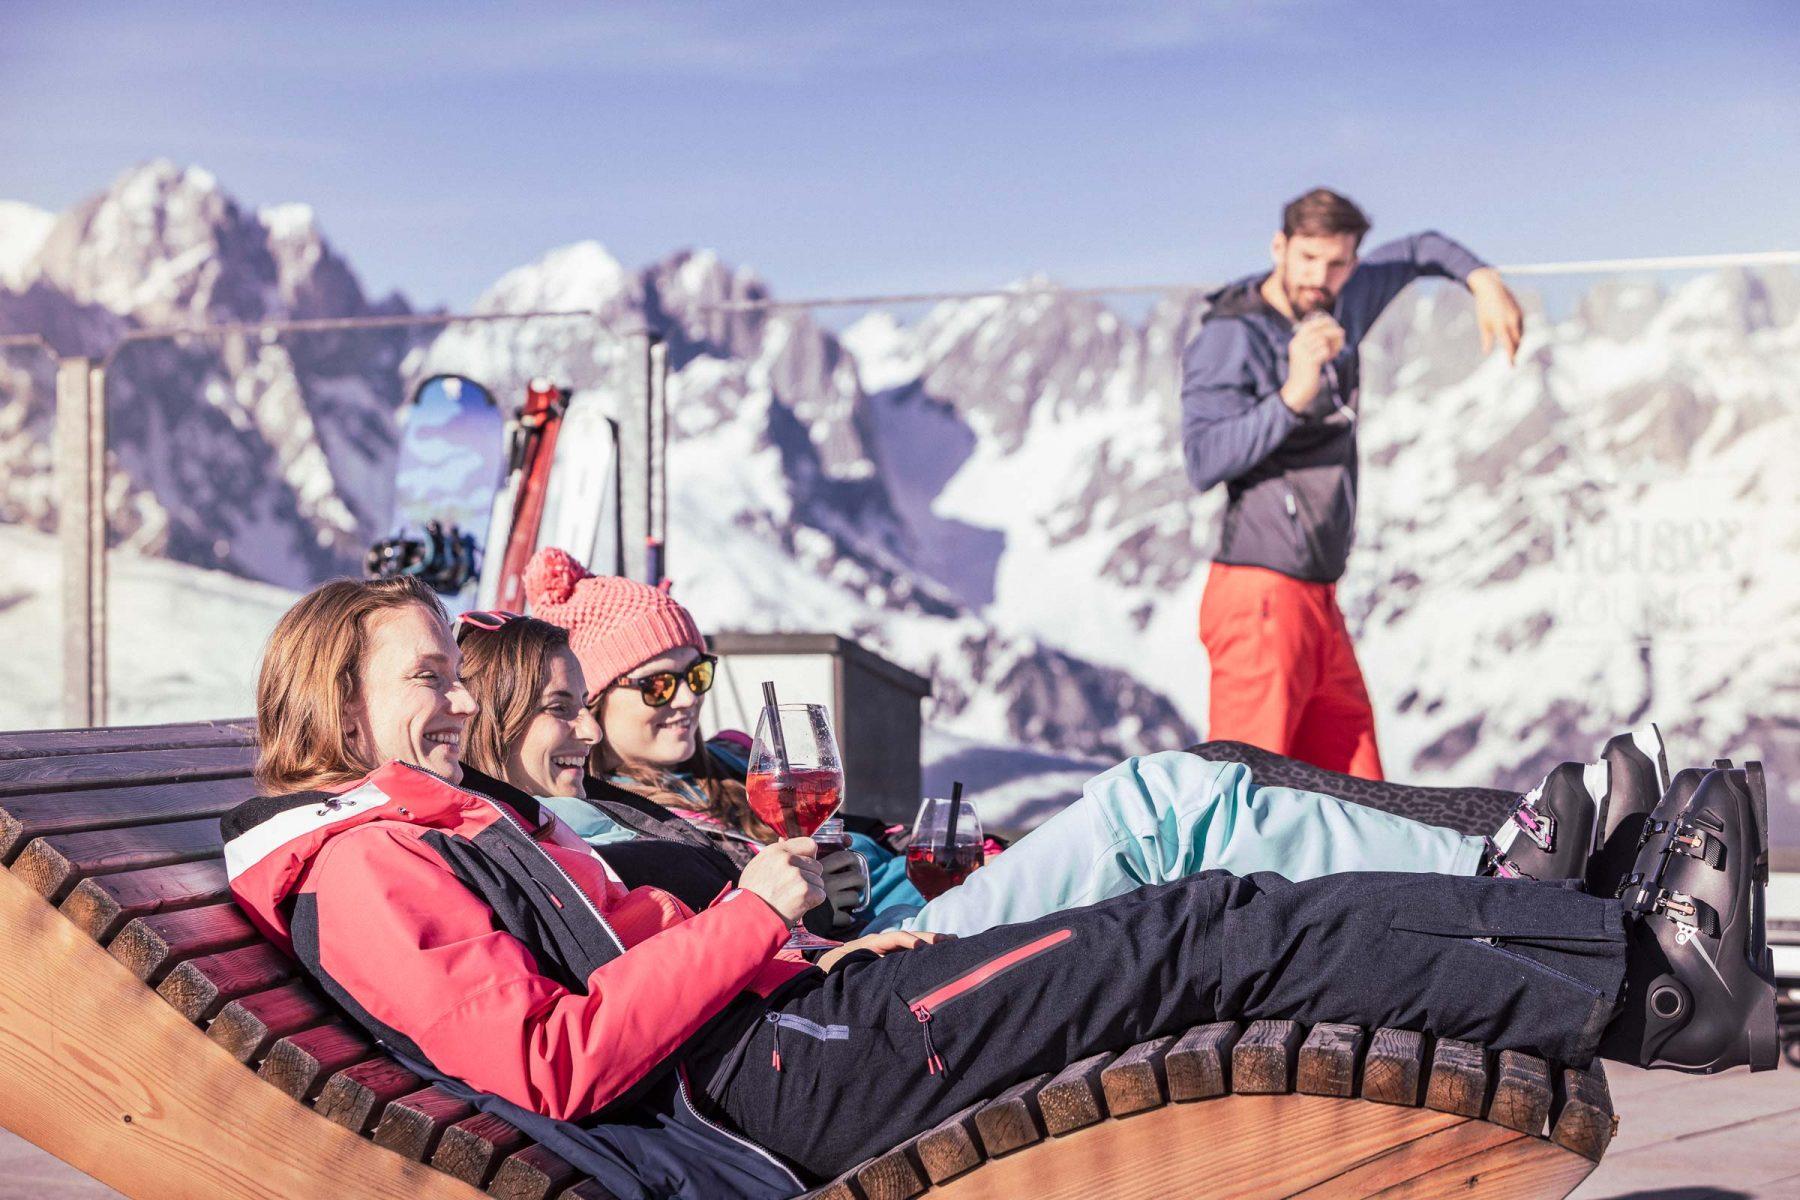 Junge Frauen haben Spass beim Apres-Ski. Tirol Lodge - Derek Henthorn - Fotograf München